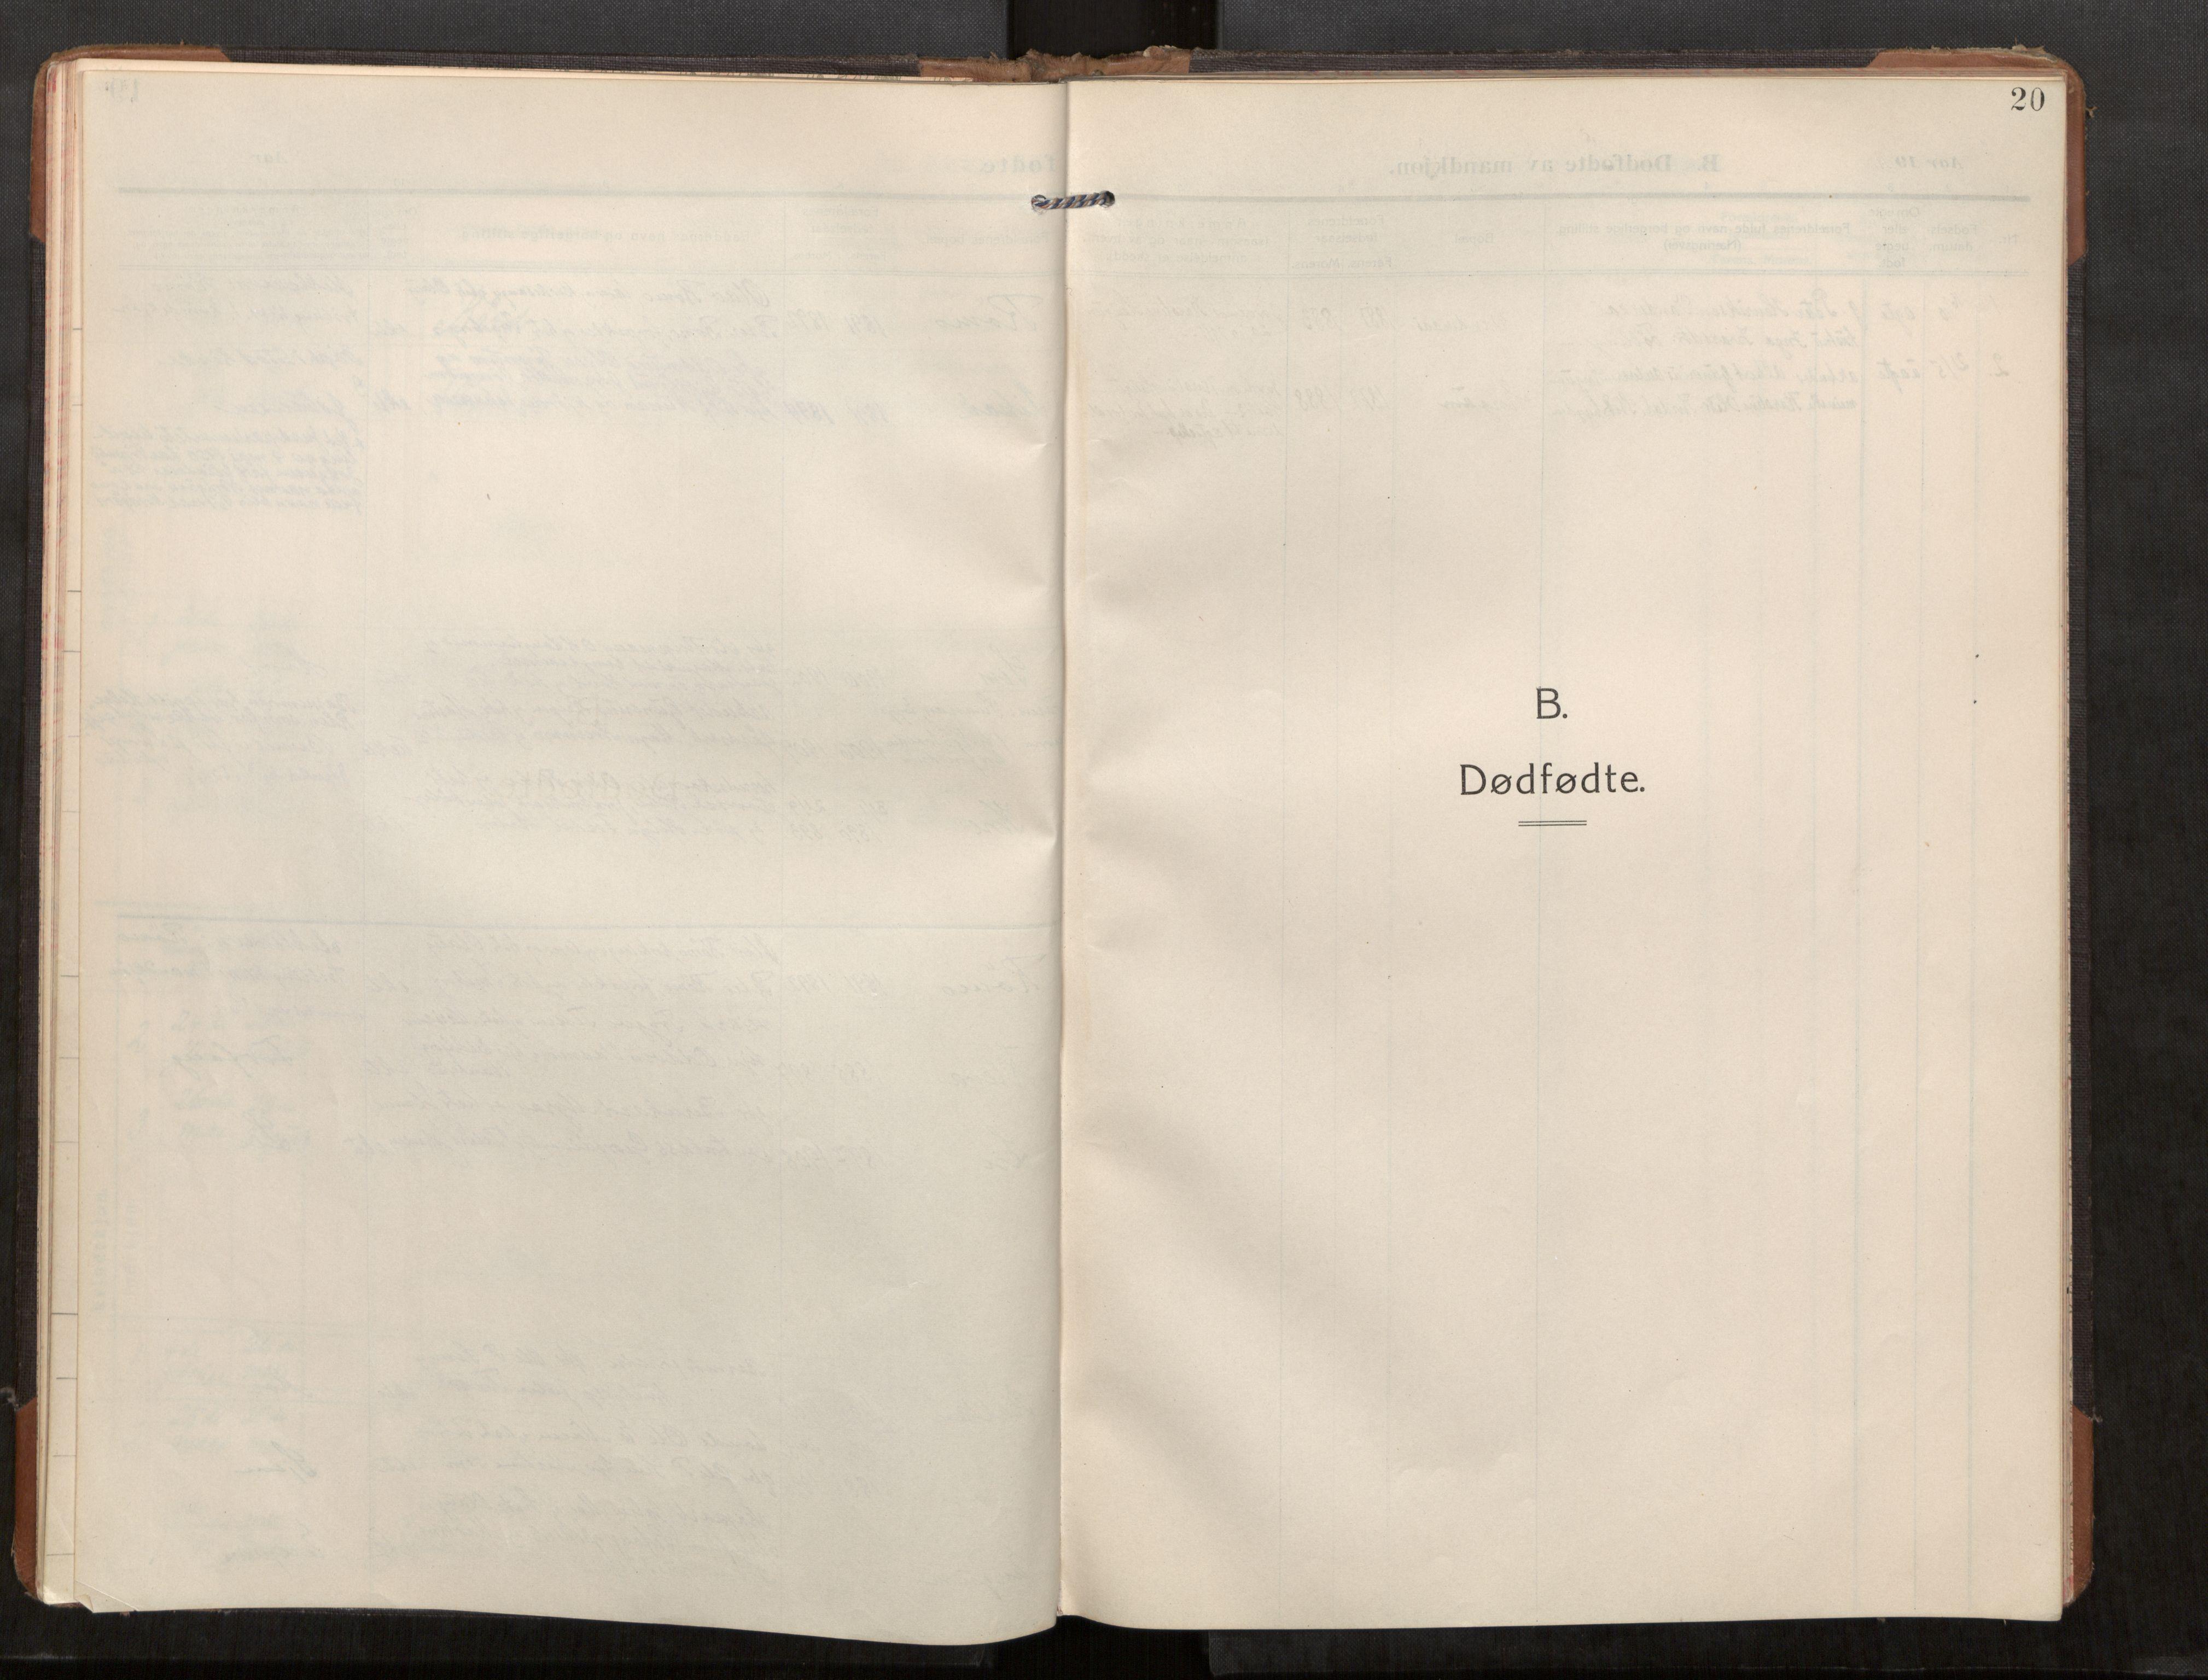 SAT, Stod sokneprestkontor, I/I1/I1a/L0003: Parish register (official) no. 3, 1909-1934, p. 20